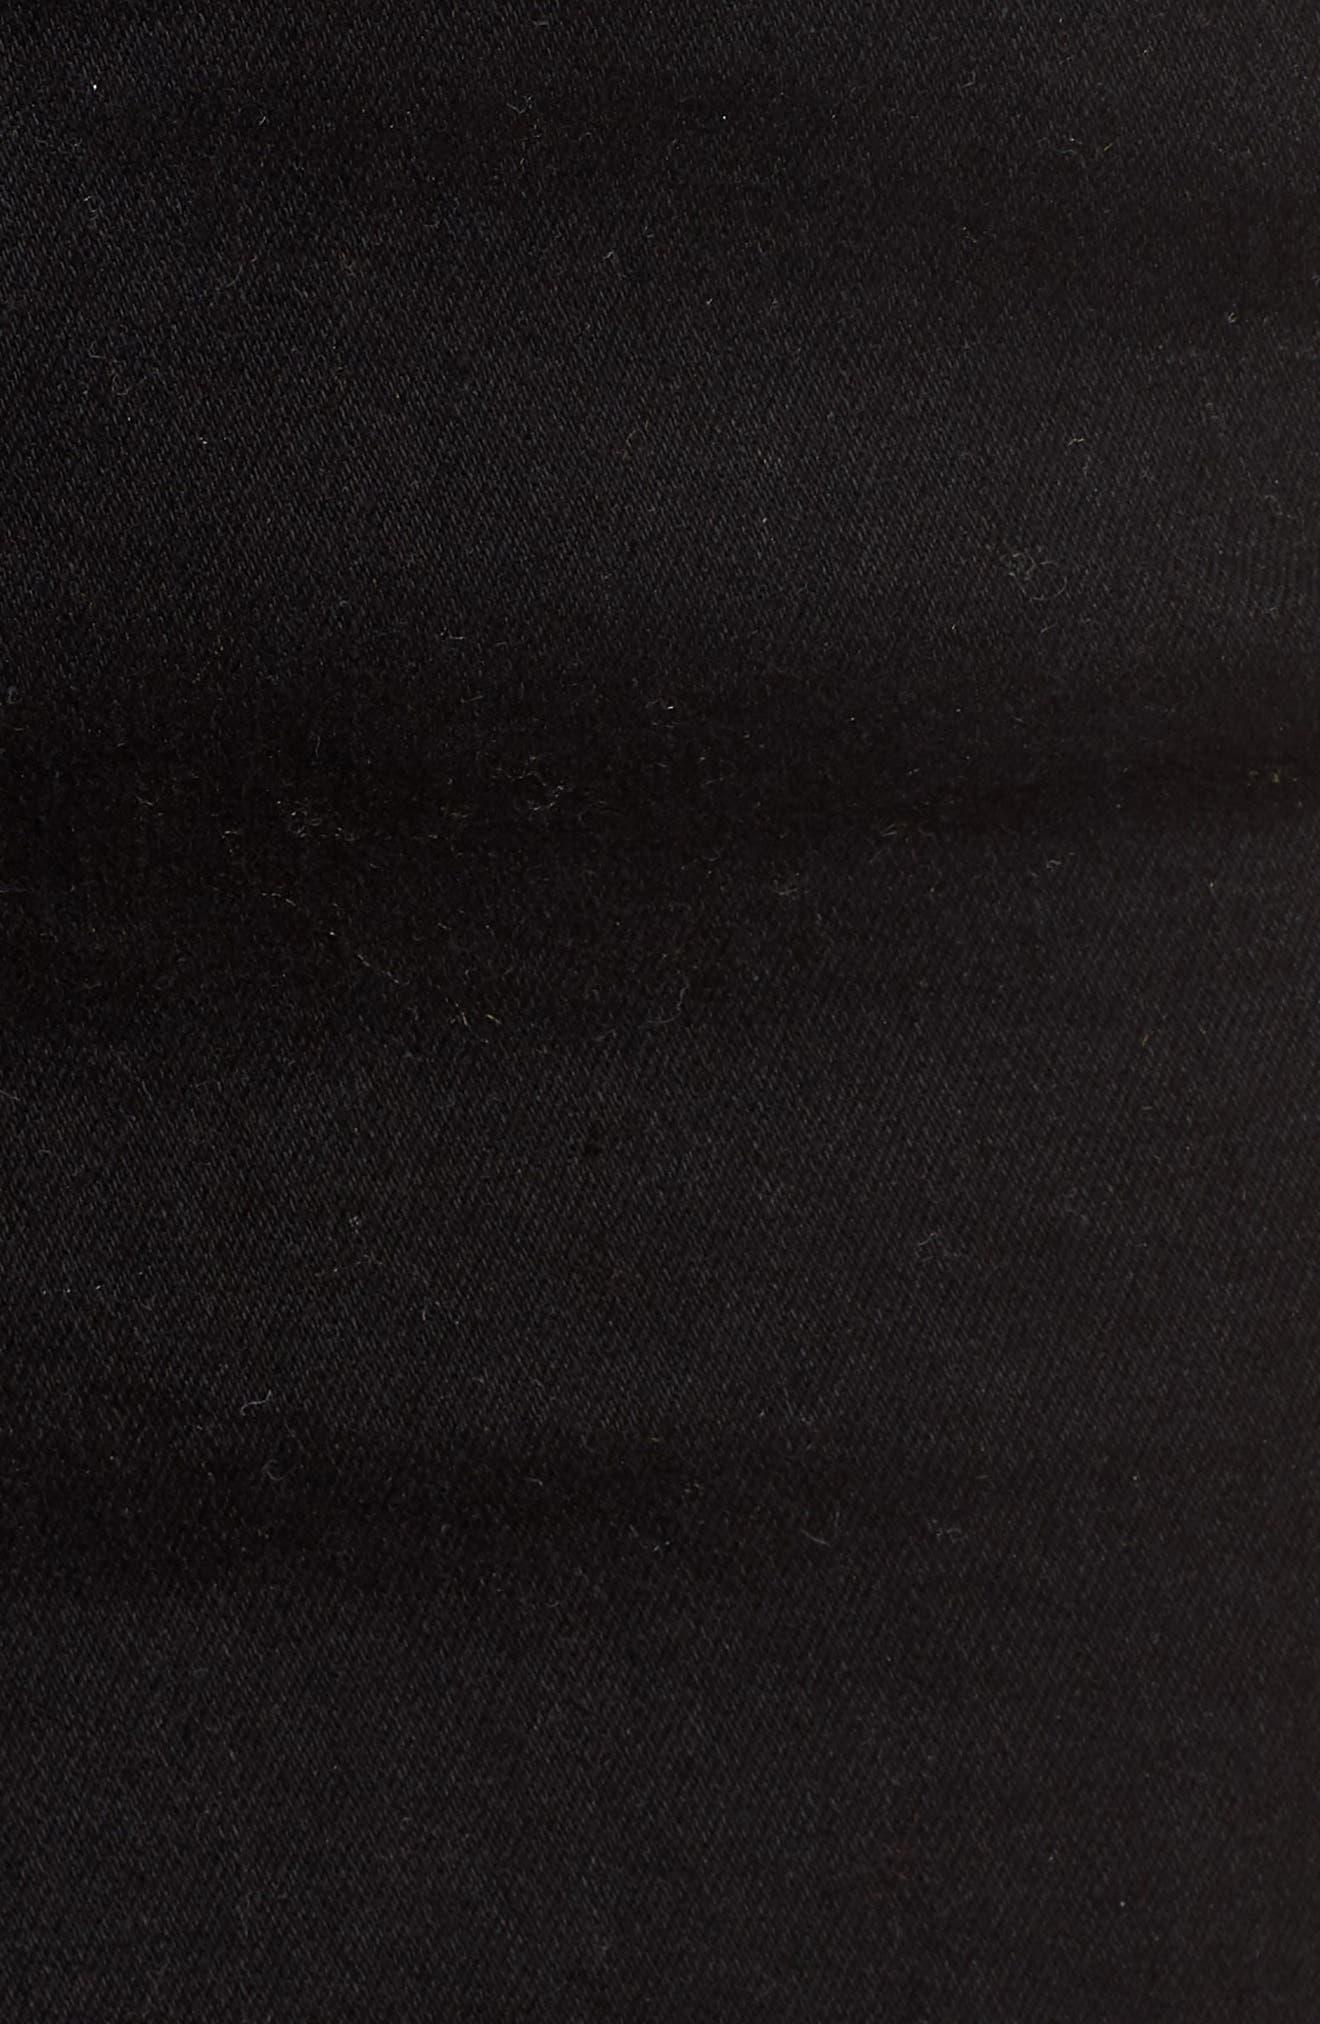 Stretch Denim Miniskirt,                             Alternate thumbnail 5, color,                             001